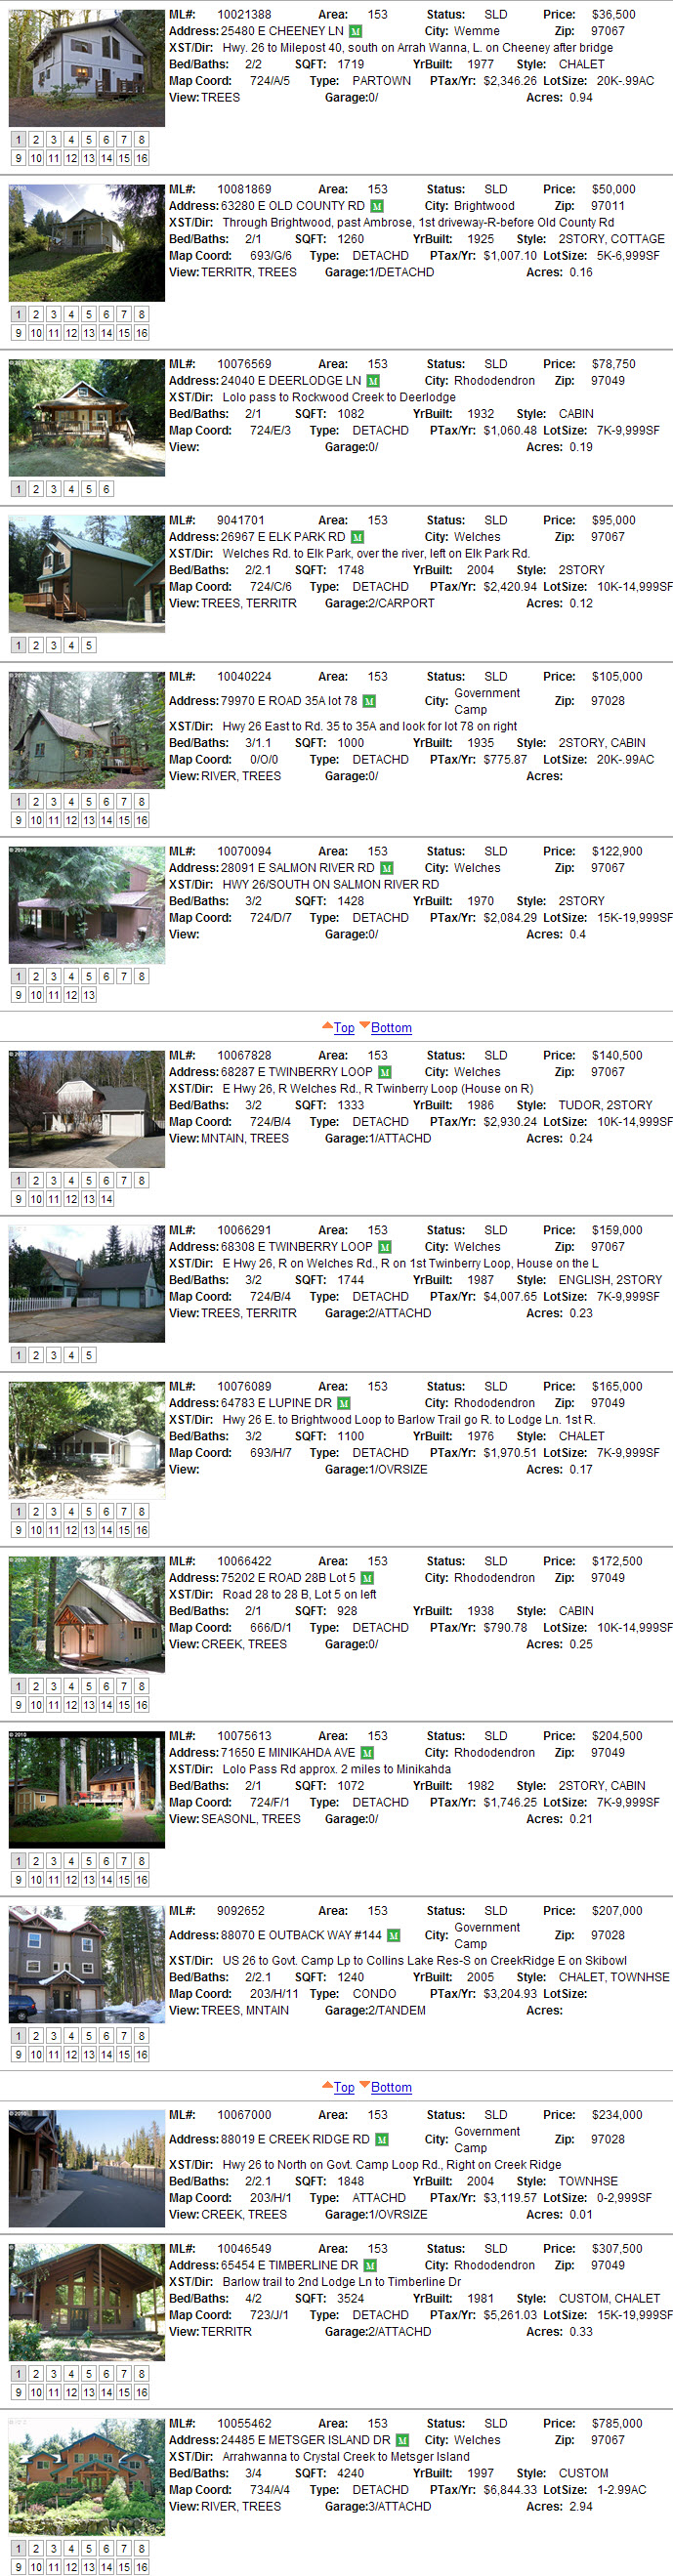 Mt. Hood Real Estate sales for November 2010